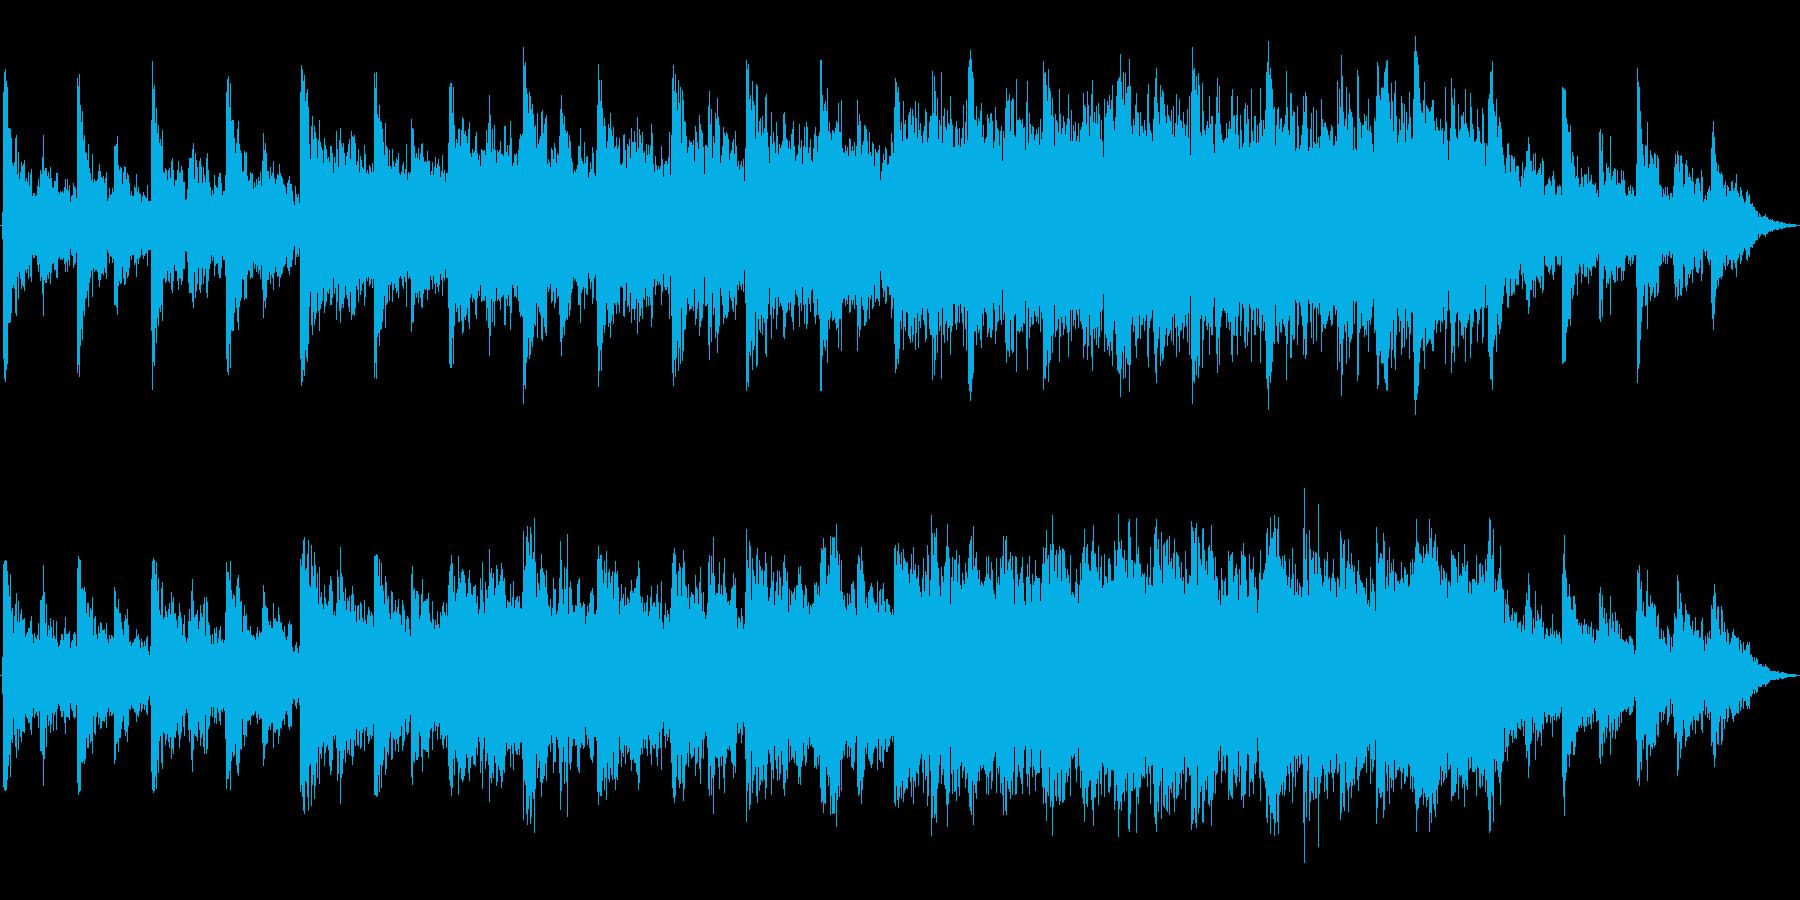 ピアノ・バイオリンのかなしいBGMの再生済みの波形